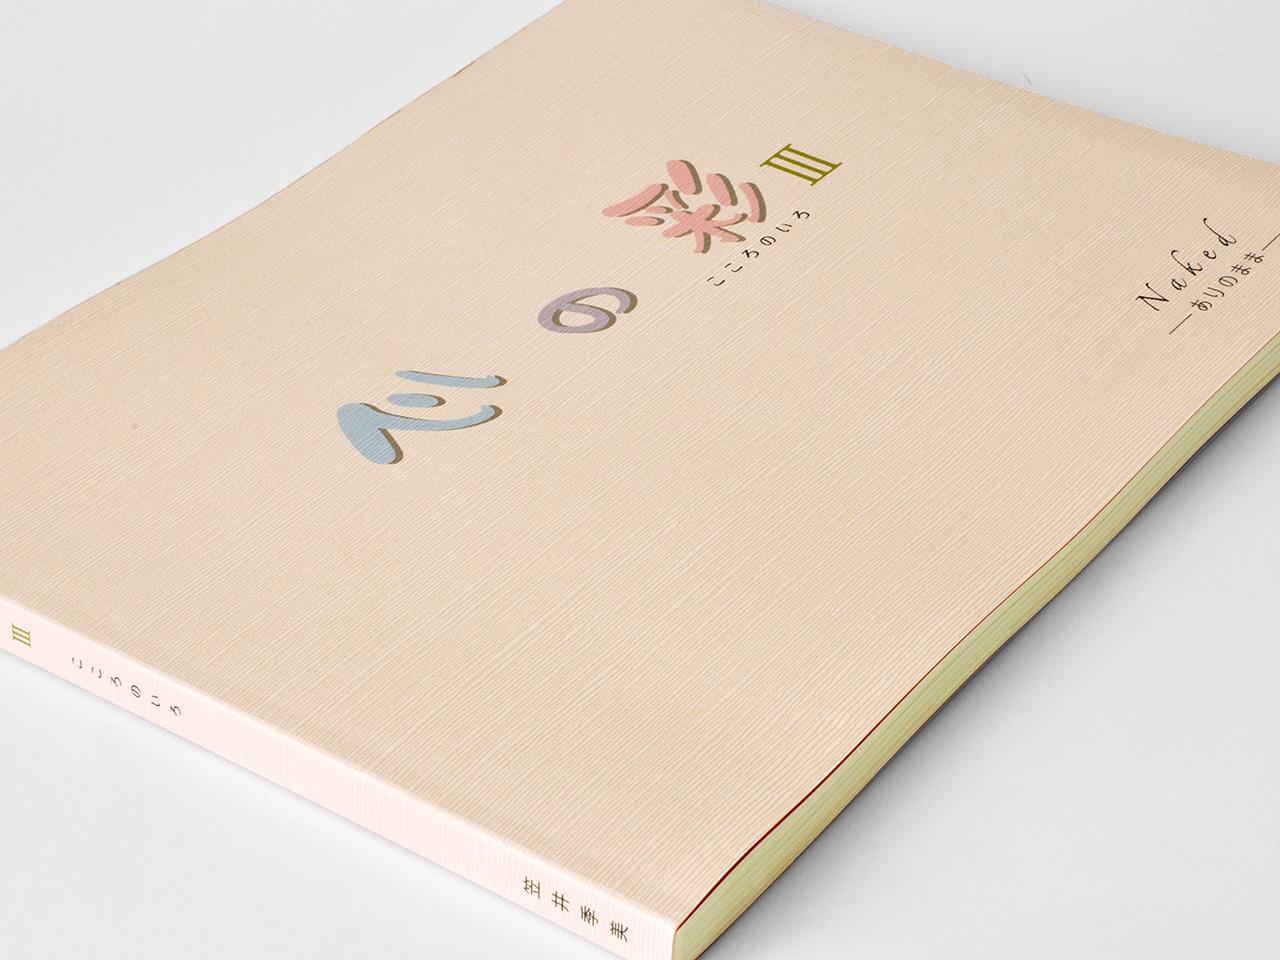 【自費出版制作事例】画集 笠井季美 心の彩 Ⅲ(こころのいろ)